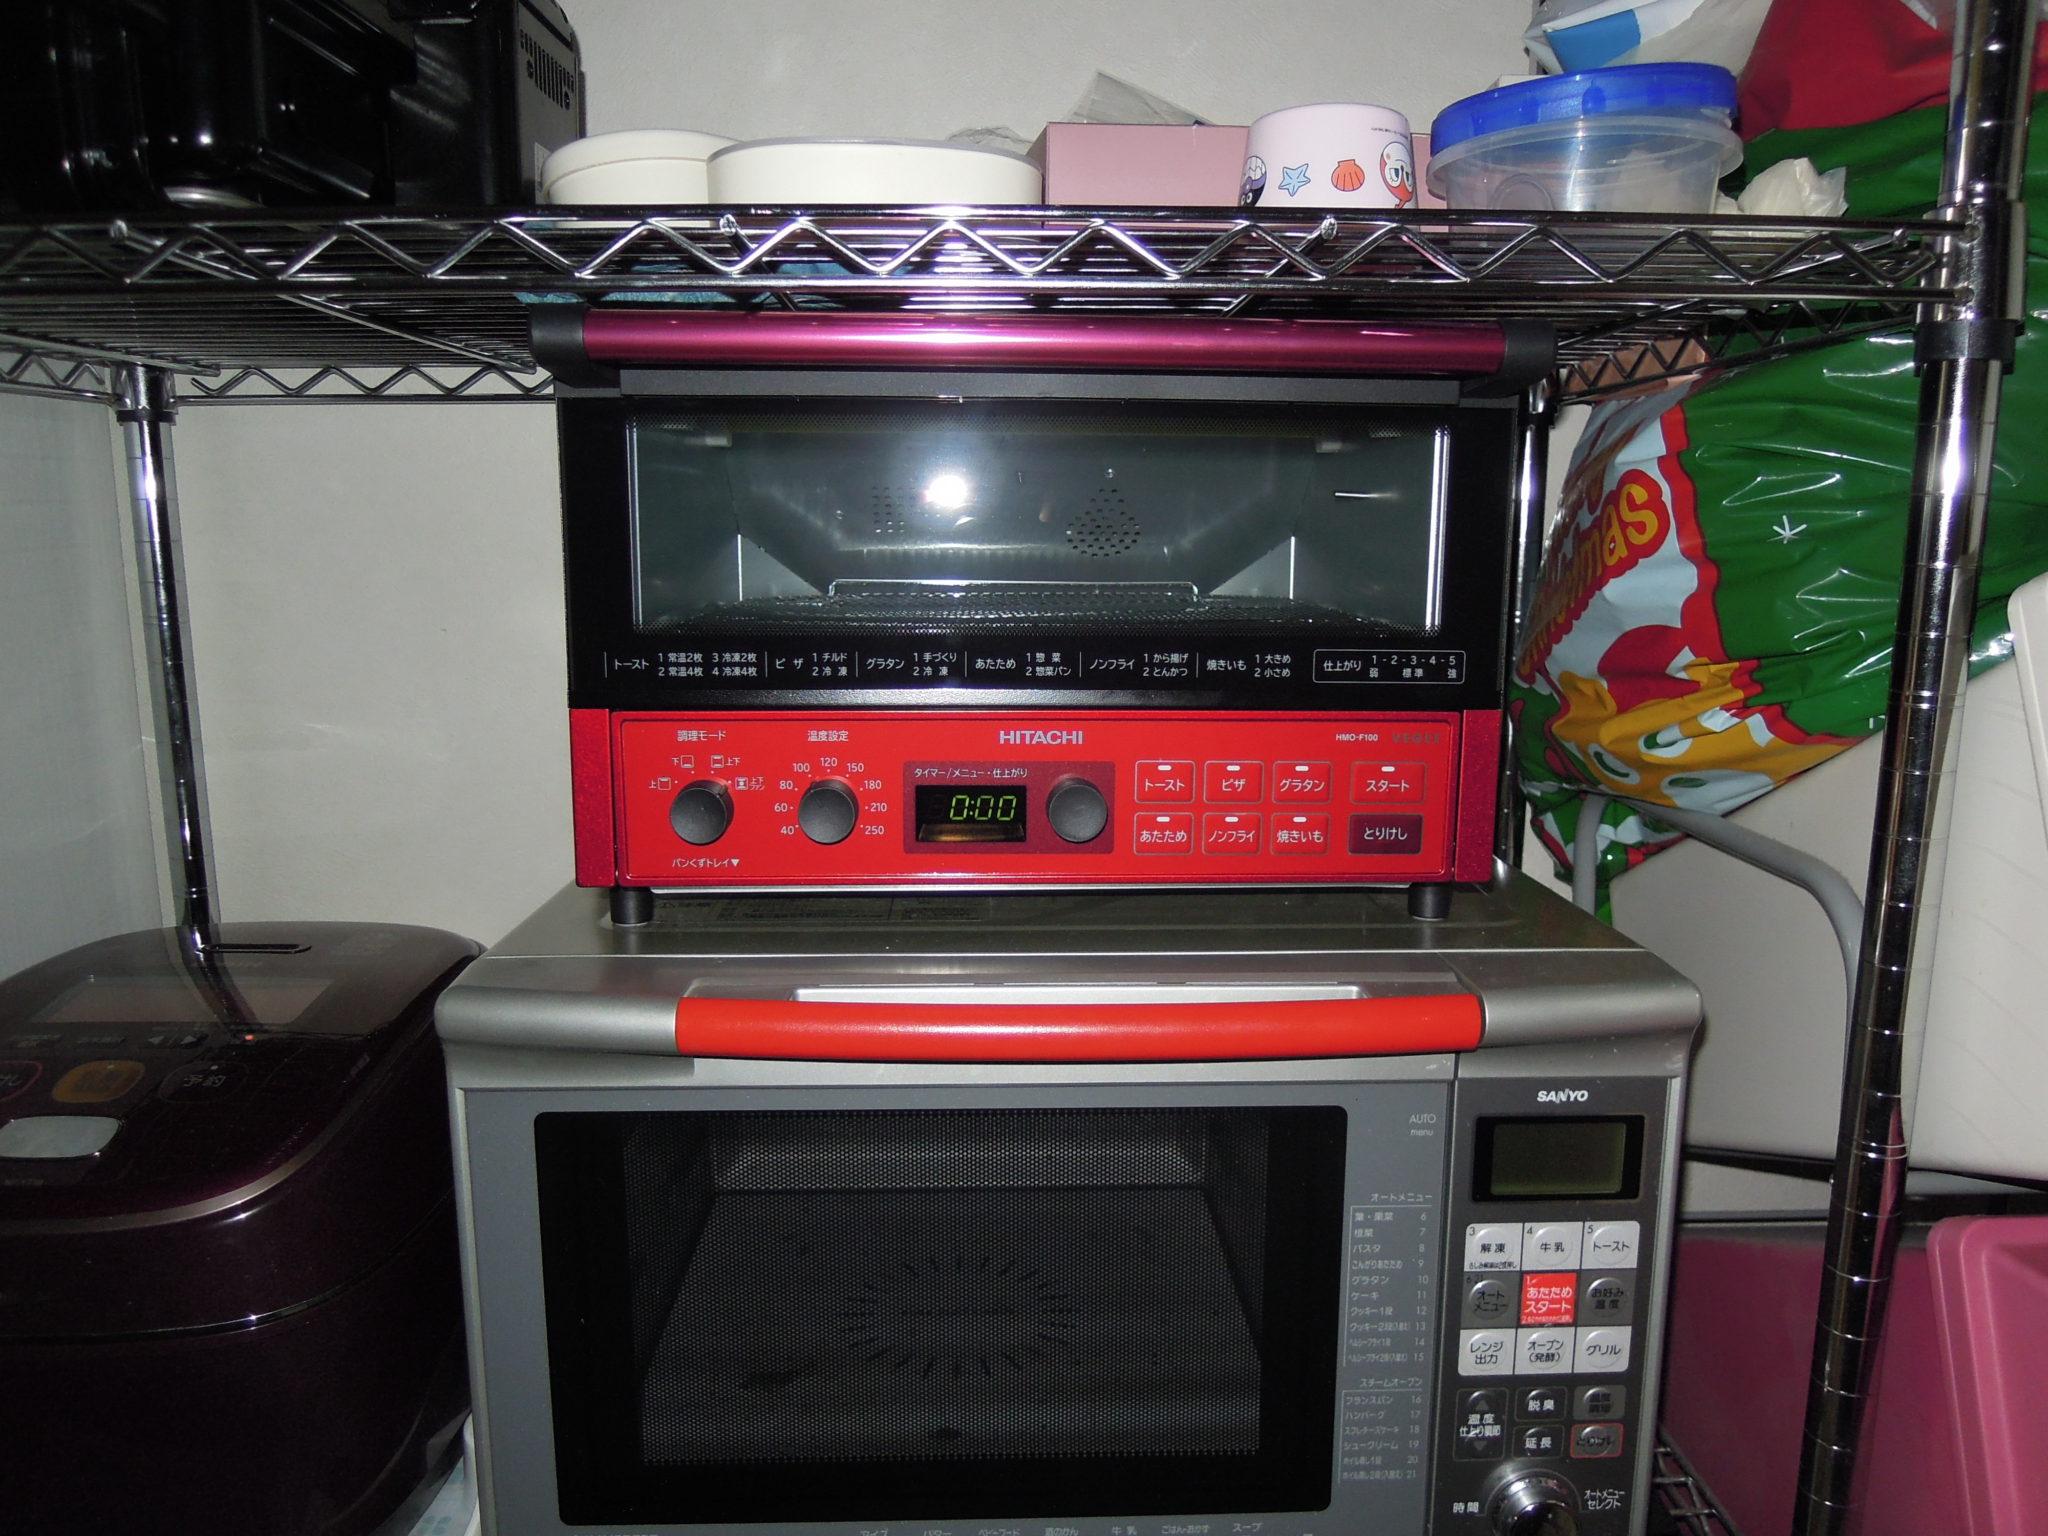 新しいオーブントースター